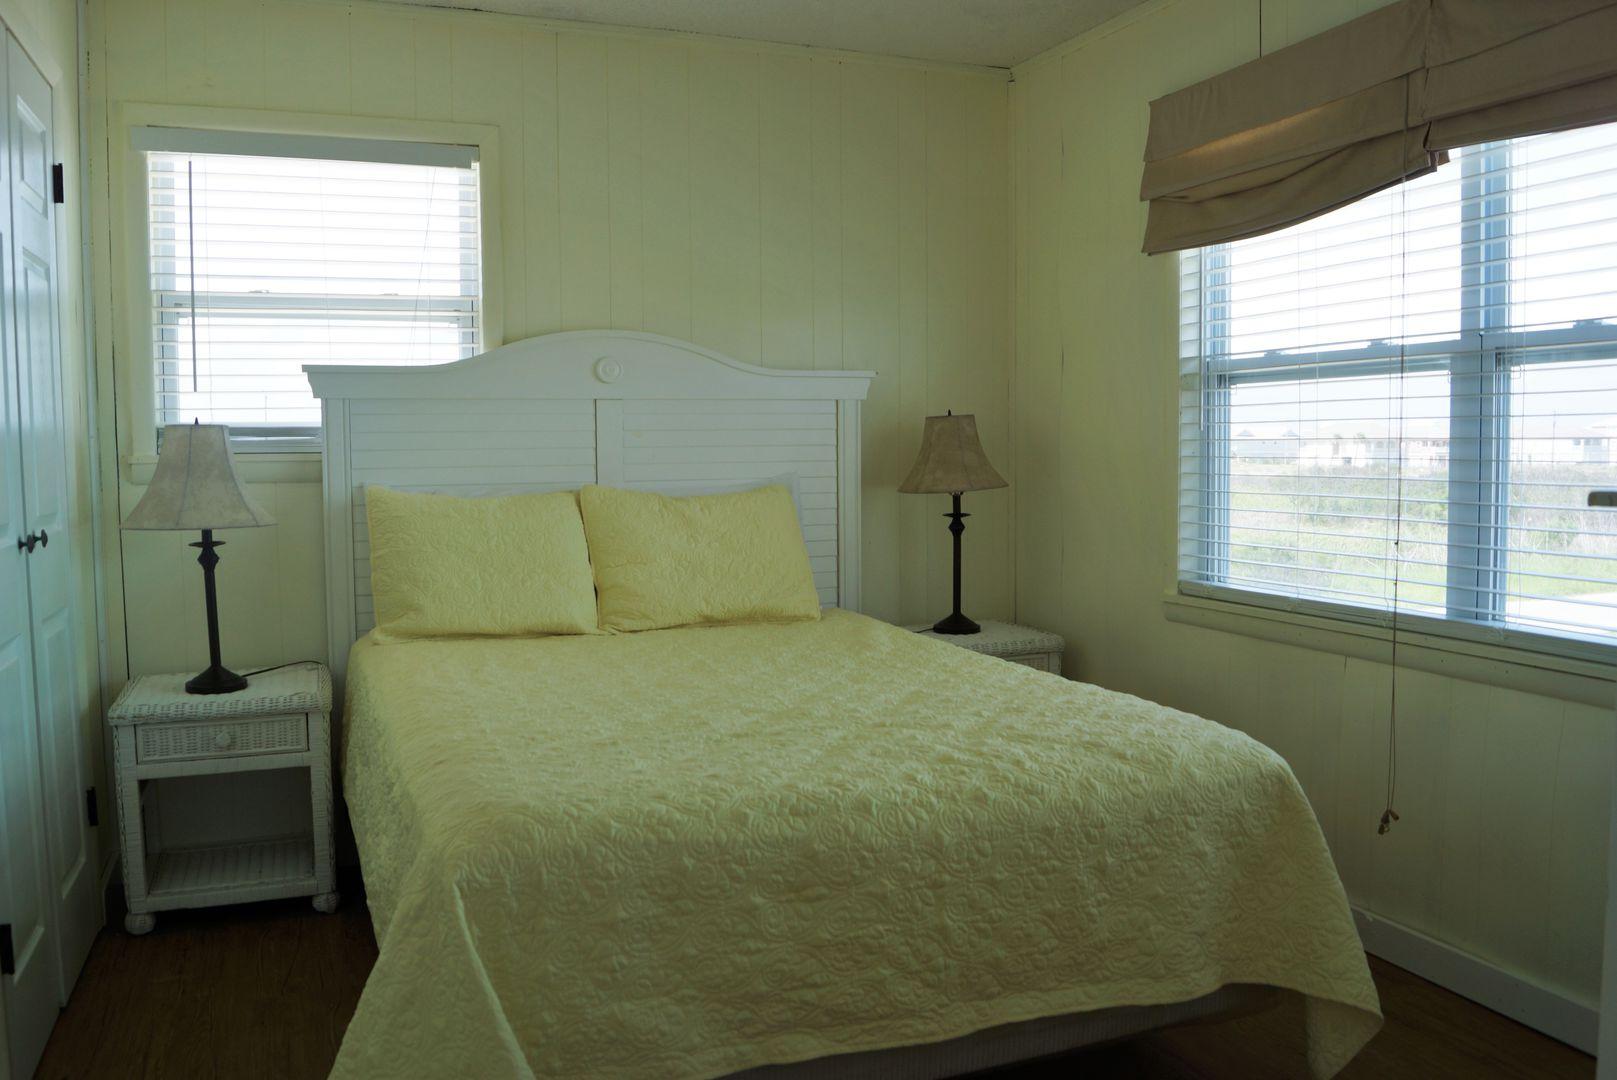 First Queen Bedroom